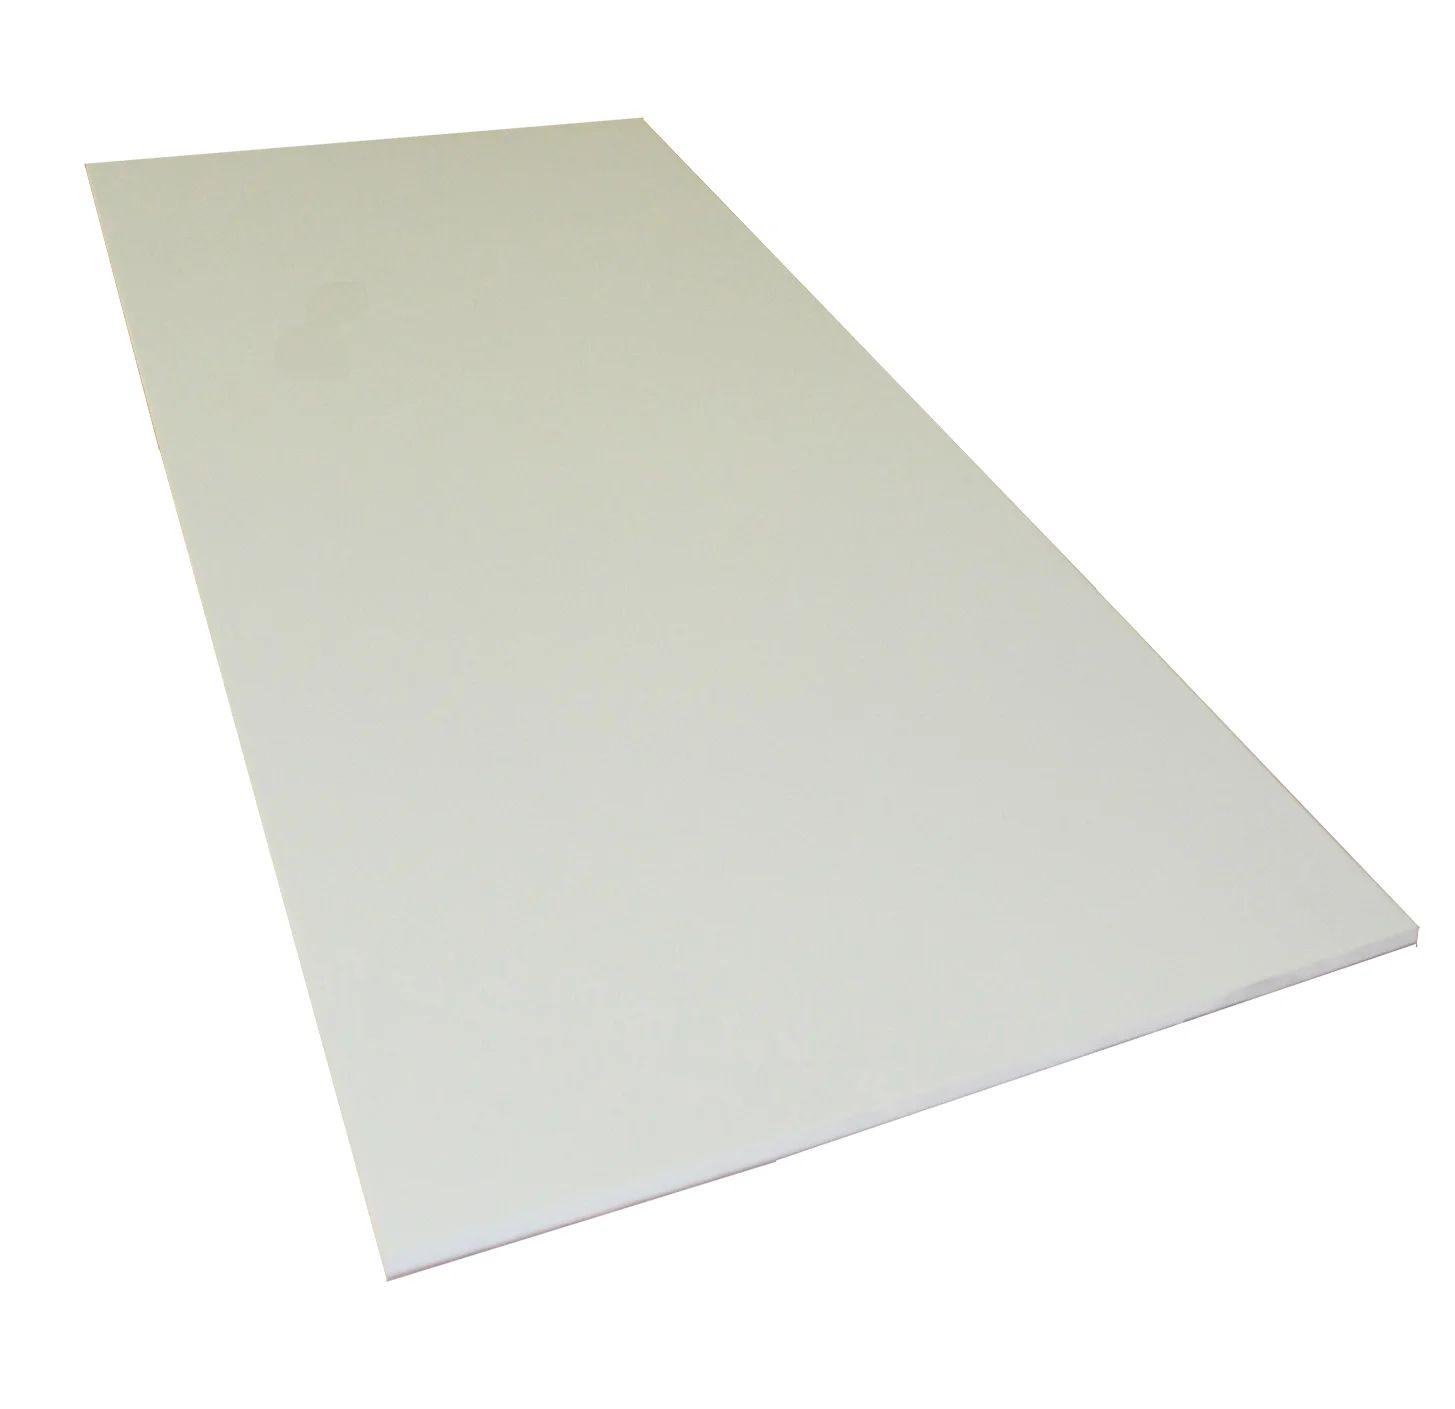 Plaque Pvc Expanse 3 Mm Blanc Lisse L 100 X 50 Cm Leroy Merlin